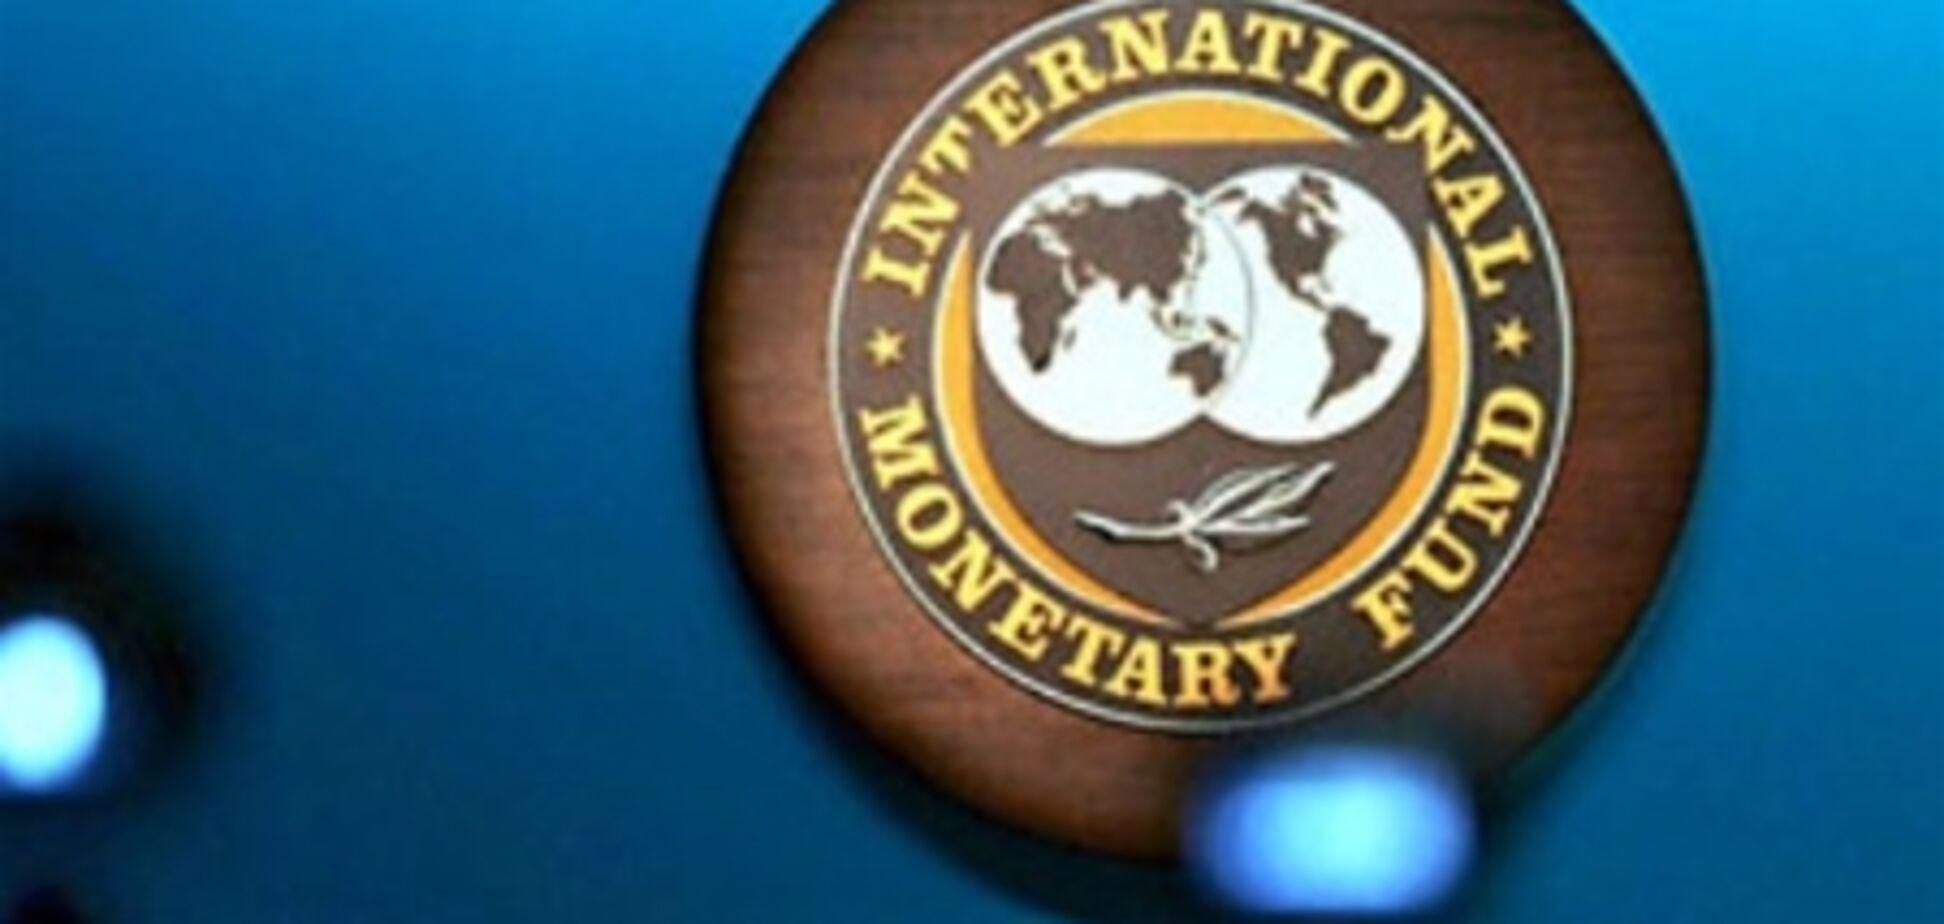 МВФ выразил неудовольствие малыми мерами по изменению бюджета Украины